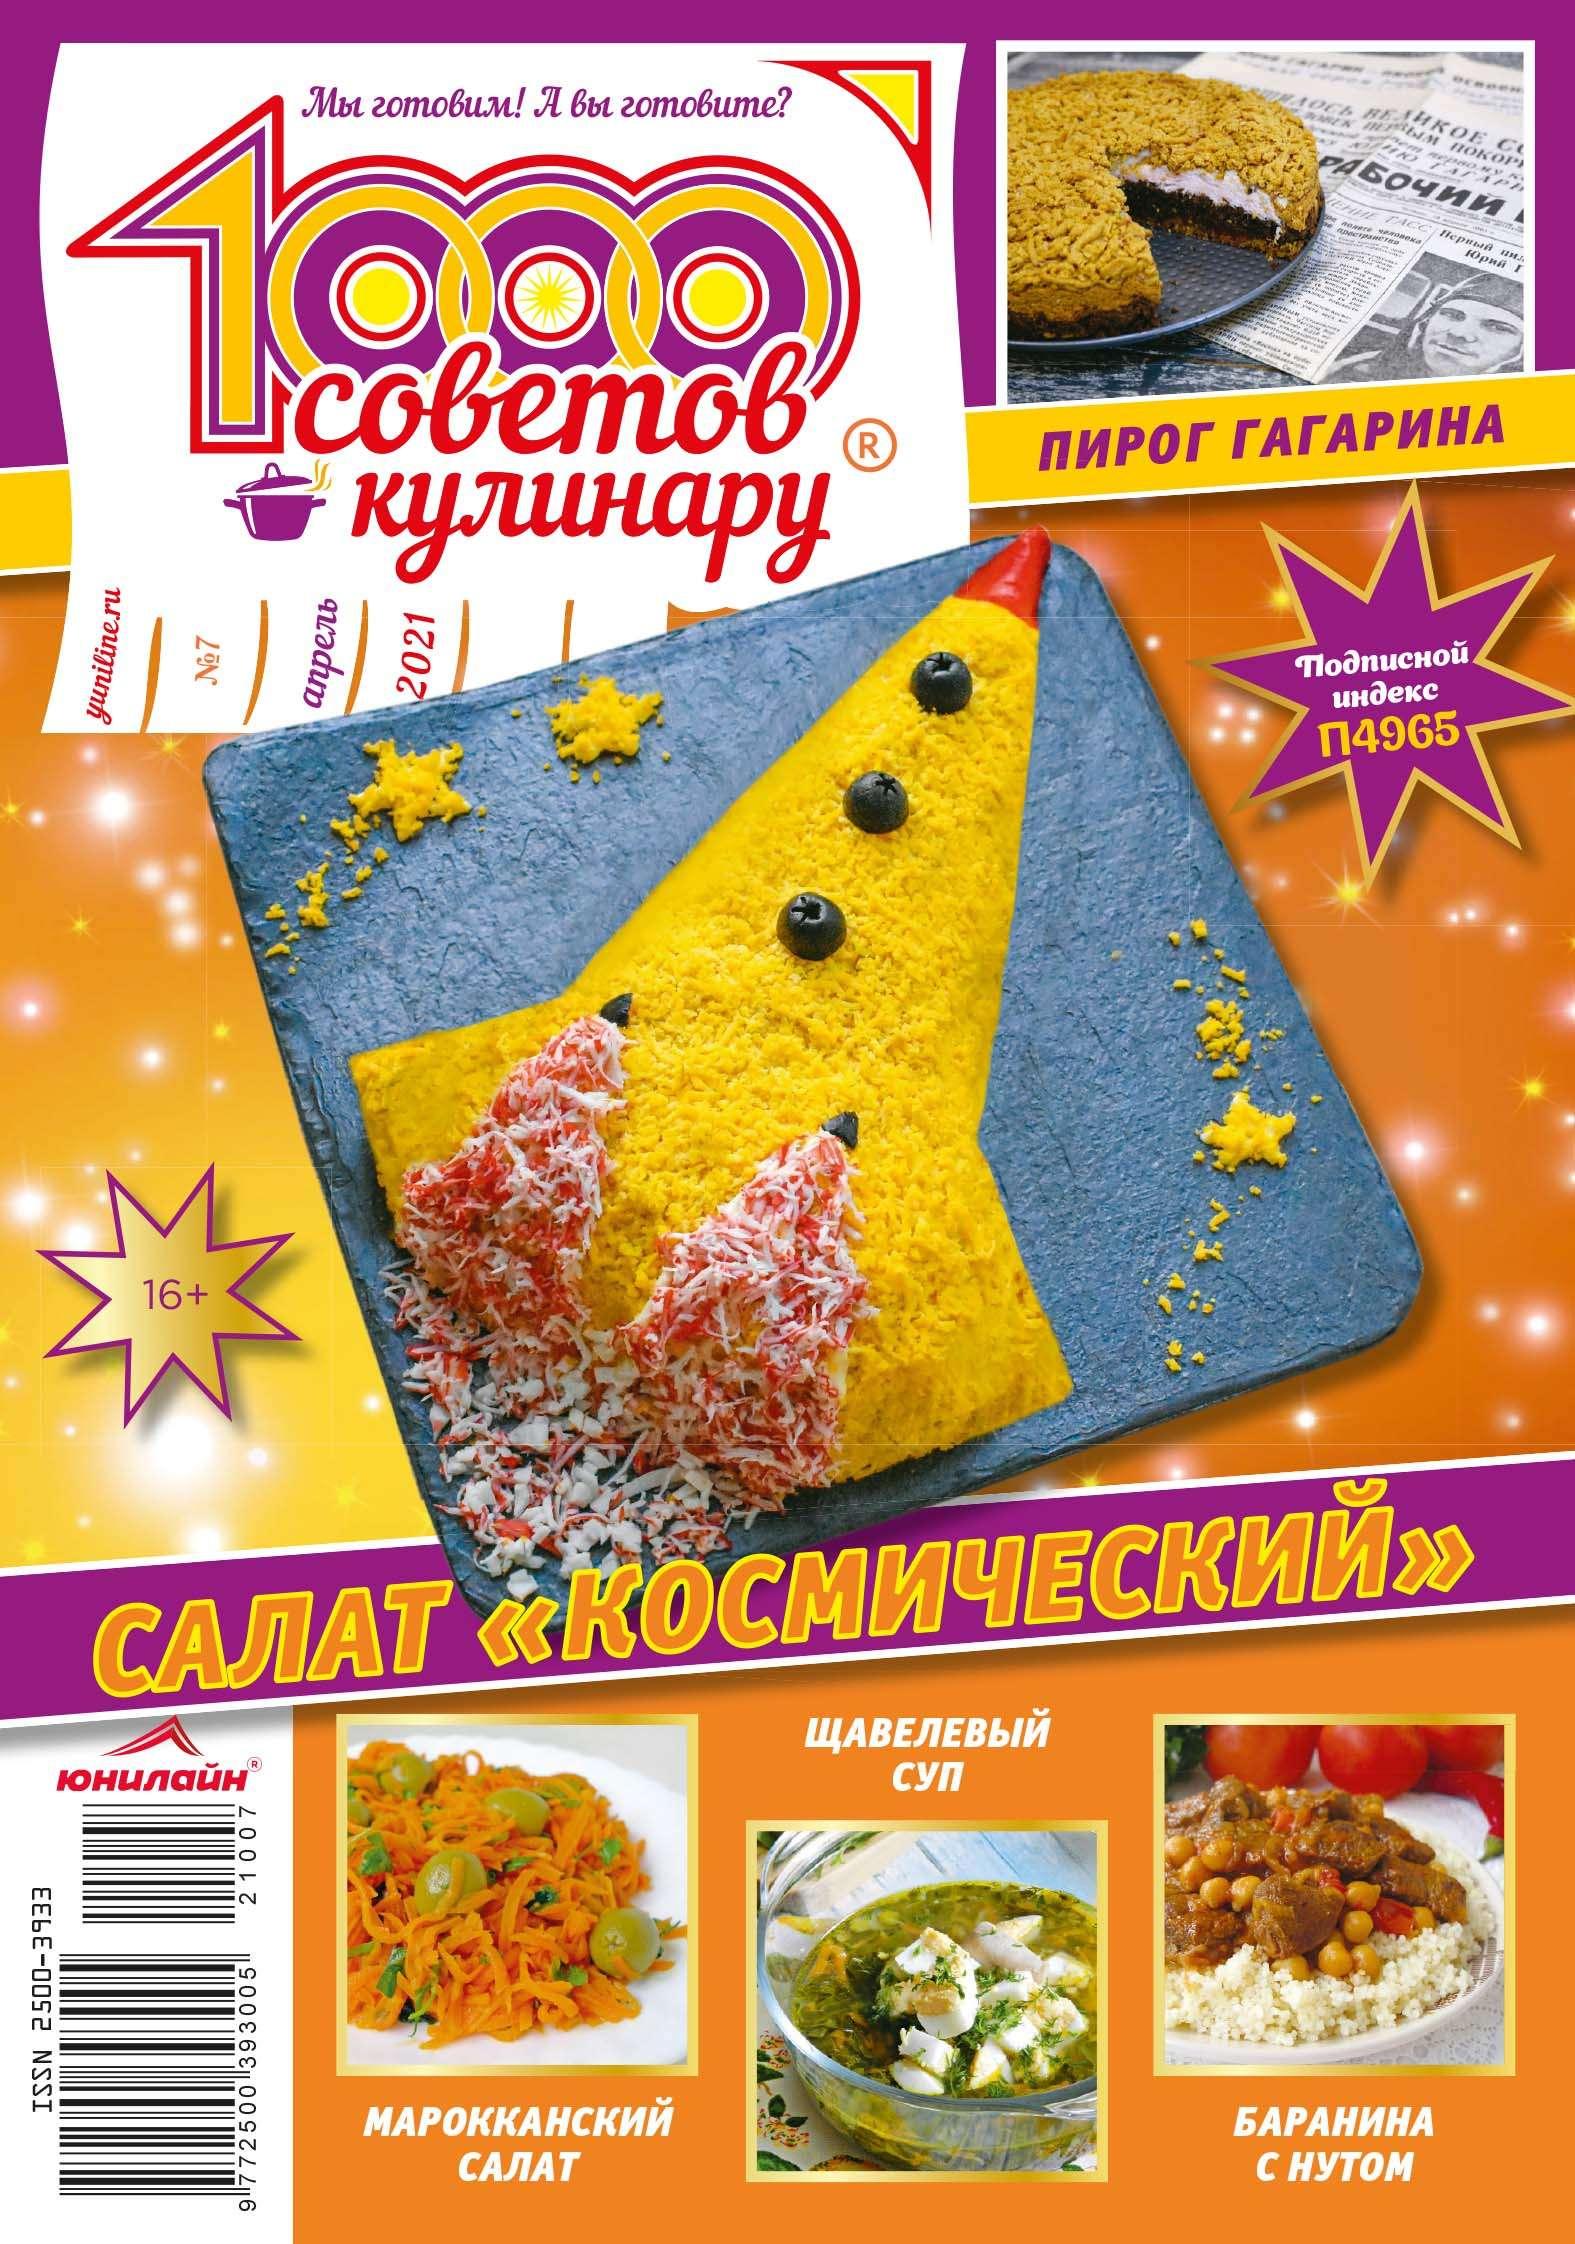 1000 СОВЕТОВ КУЛИНАРУ №7 2021